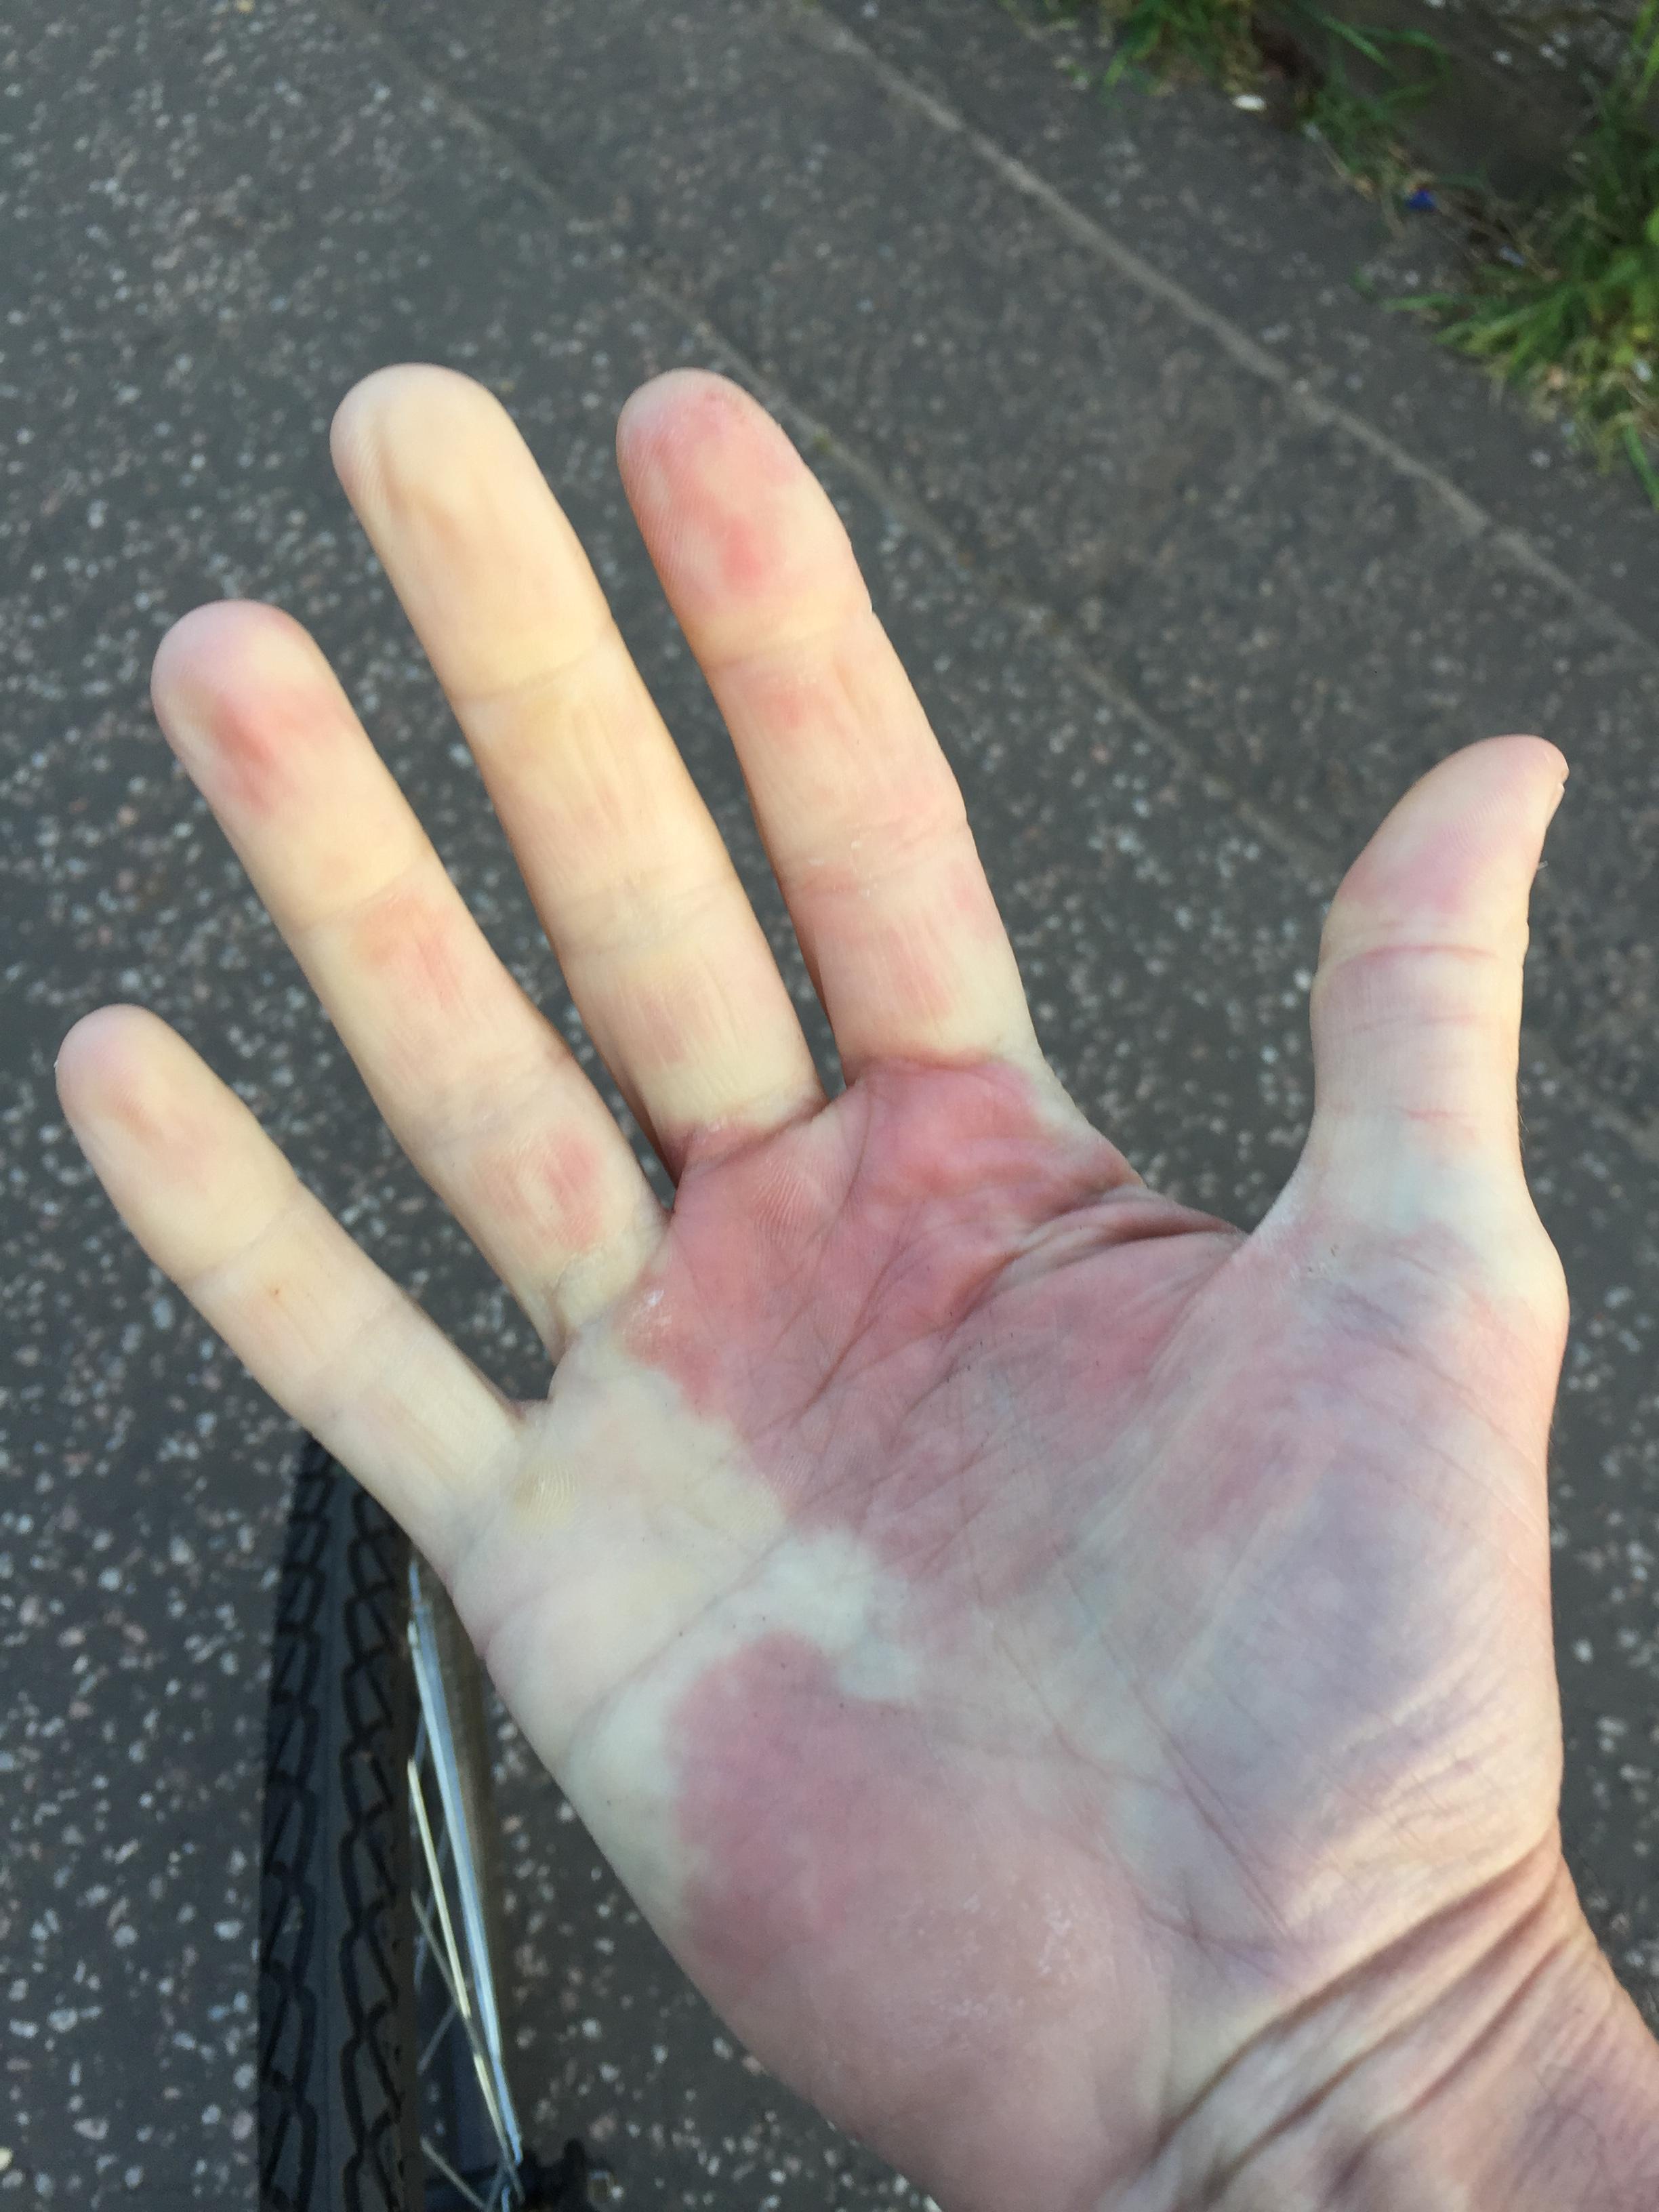 svullna händer vid promenad